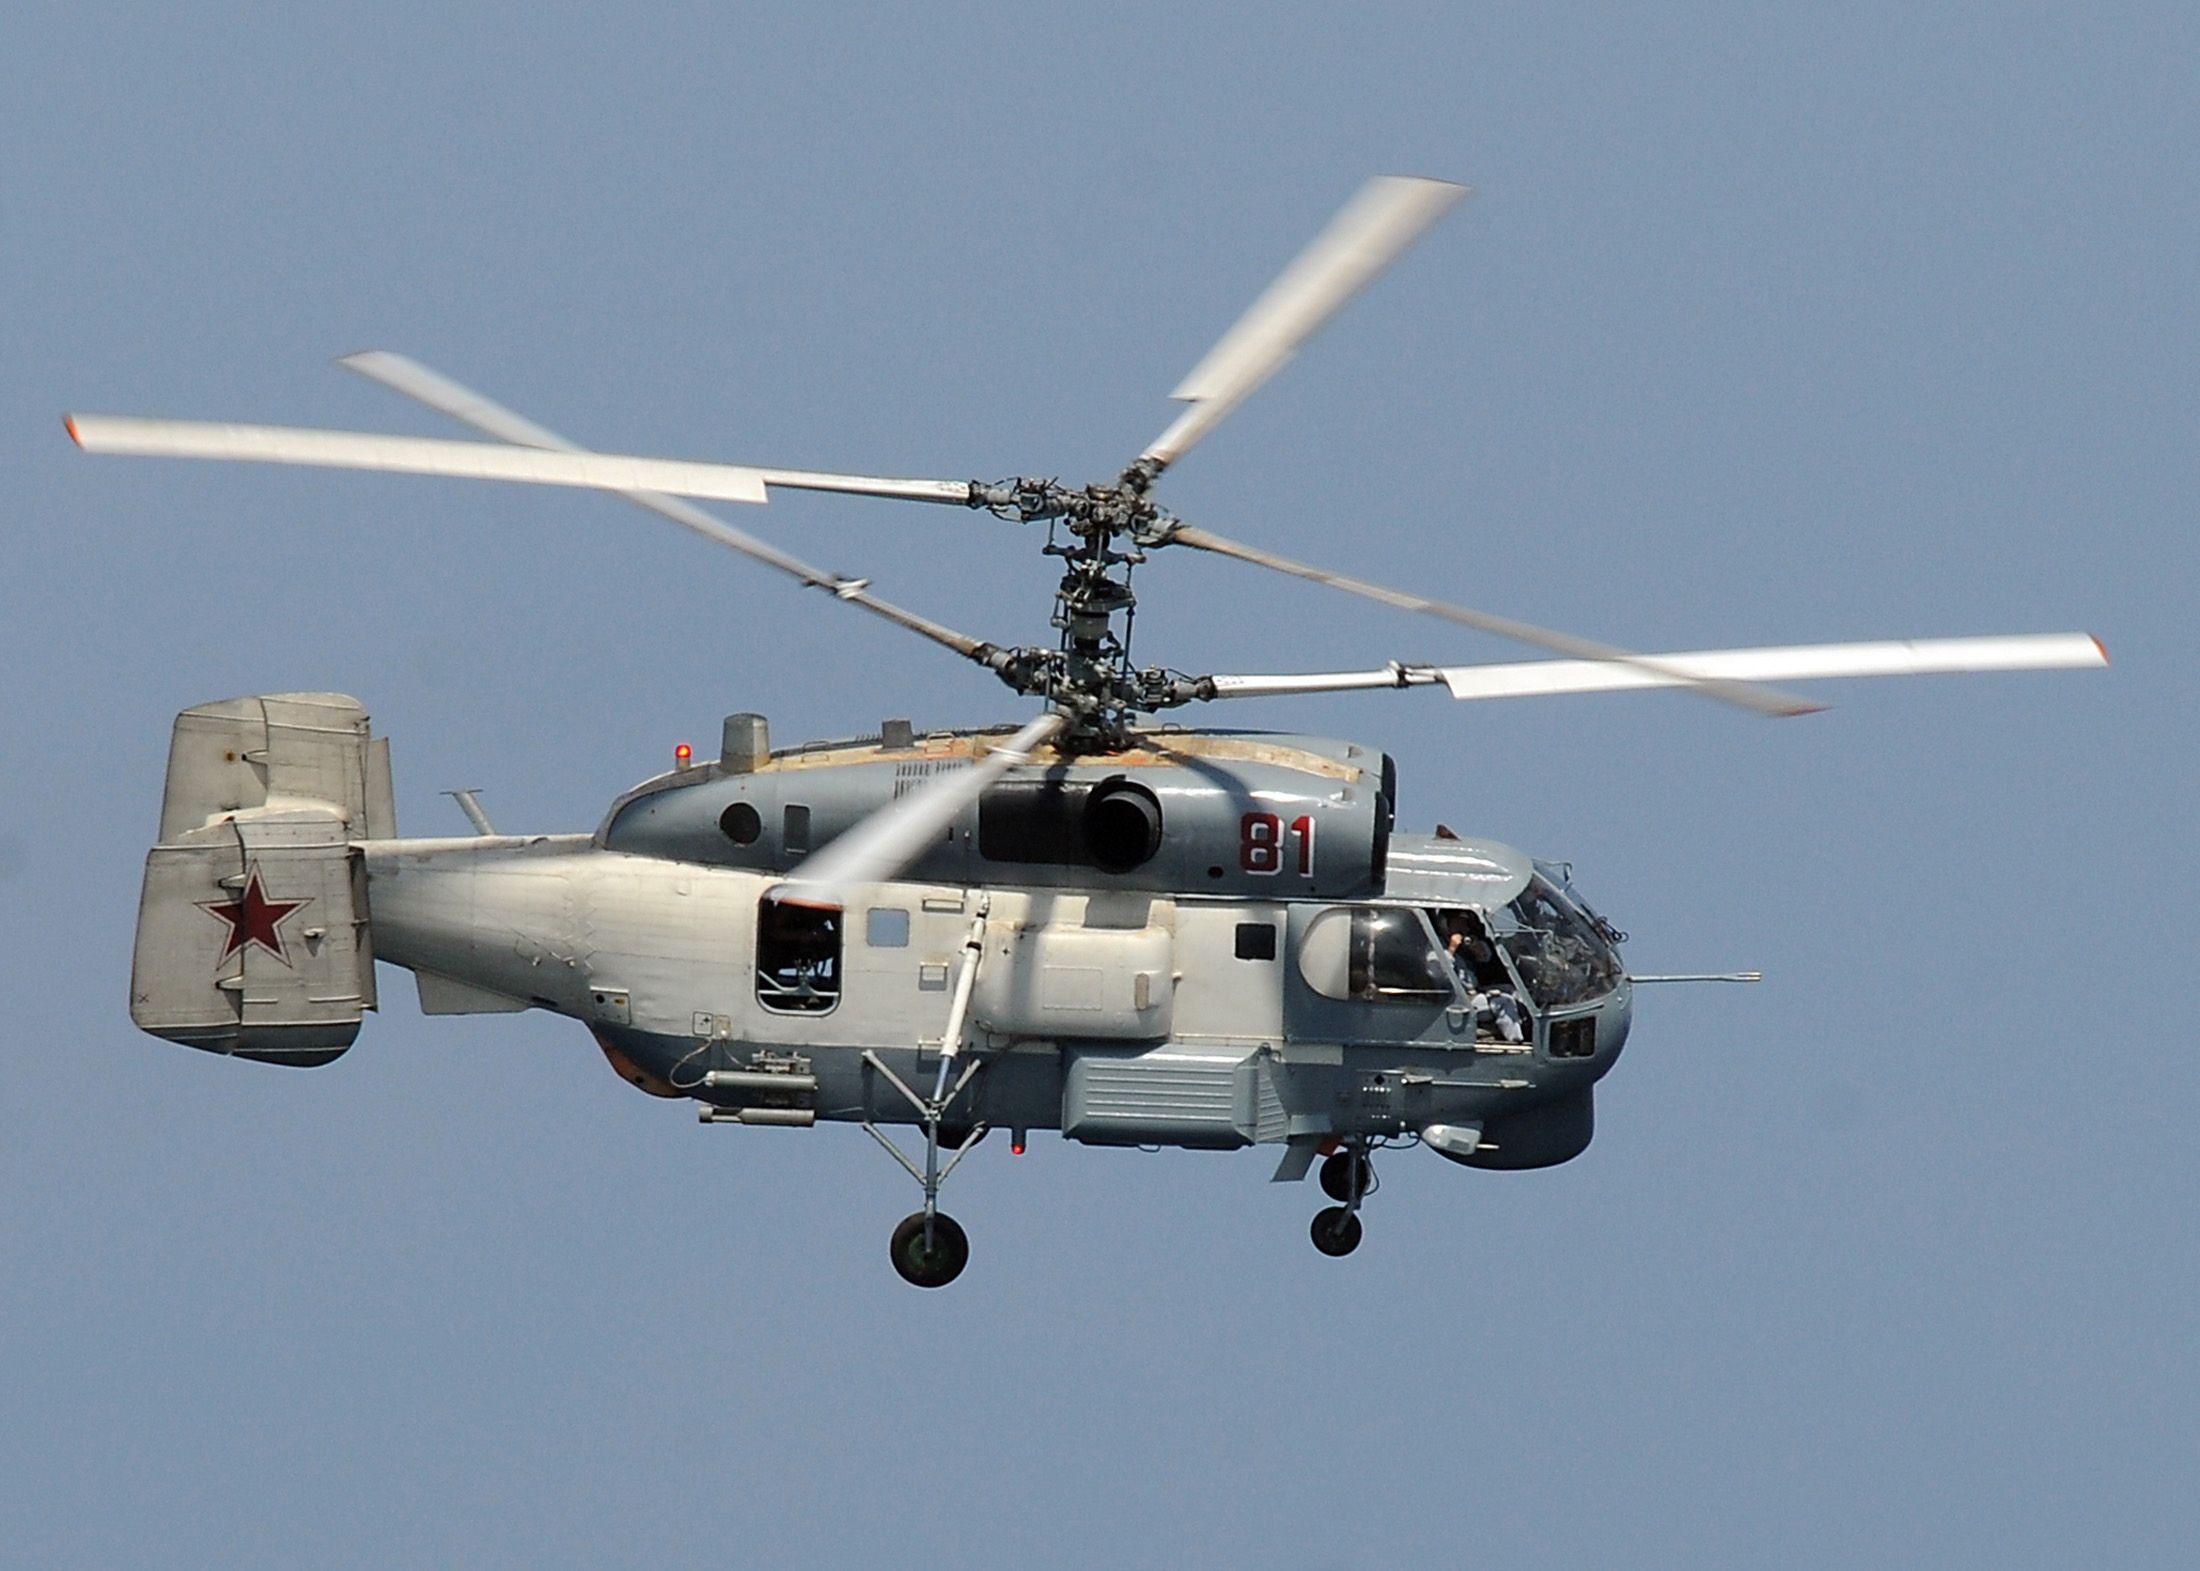 Российский вертолет Ка-27, иллюстрация